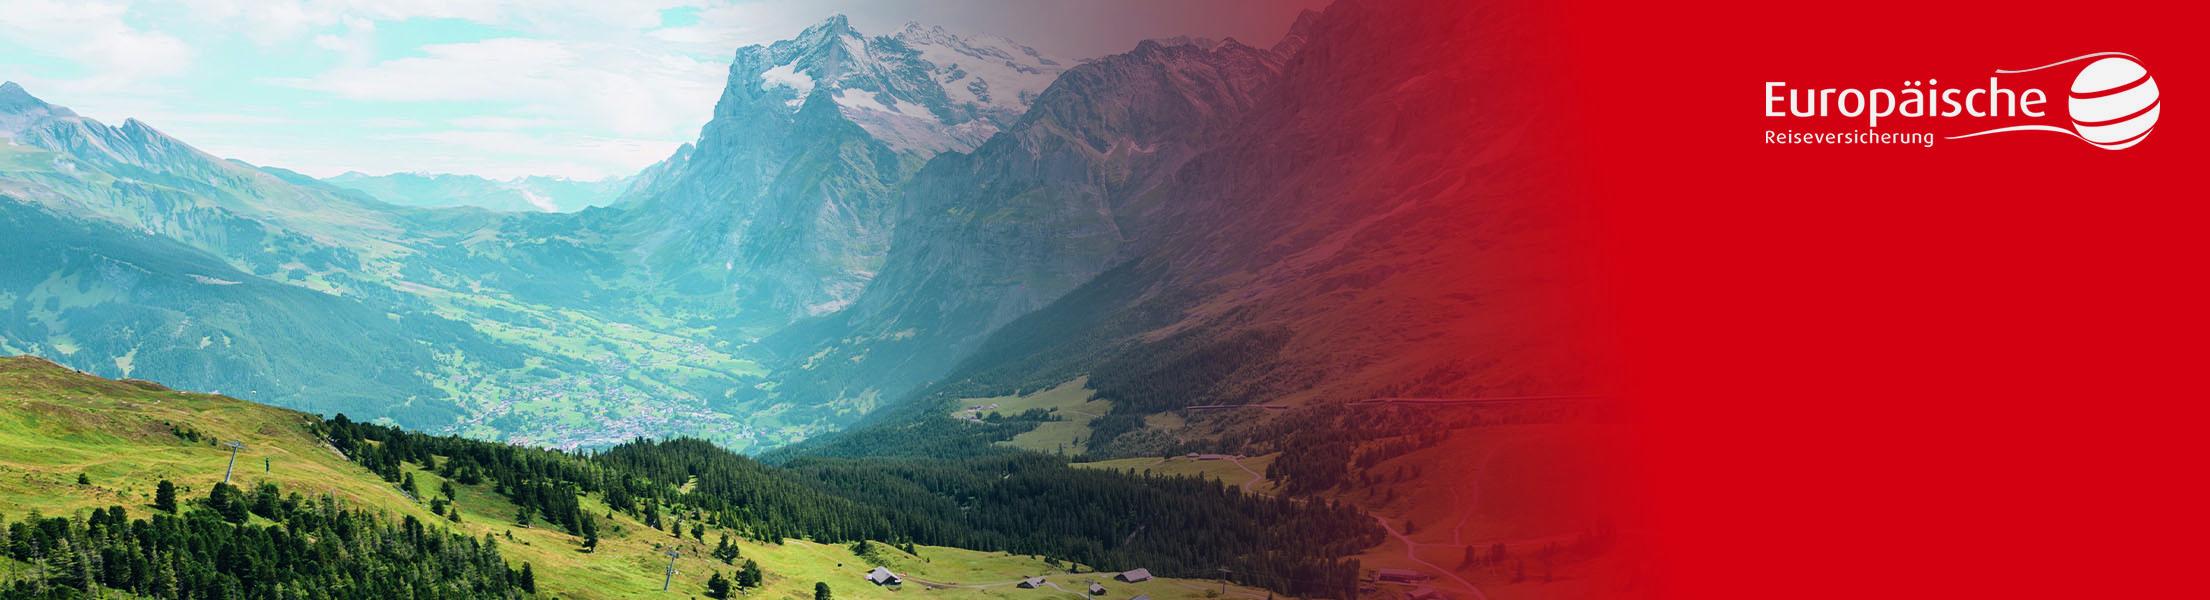 Banner der Europäischen Reiseversicherung